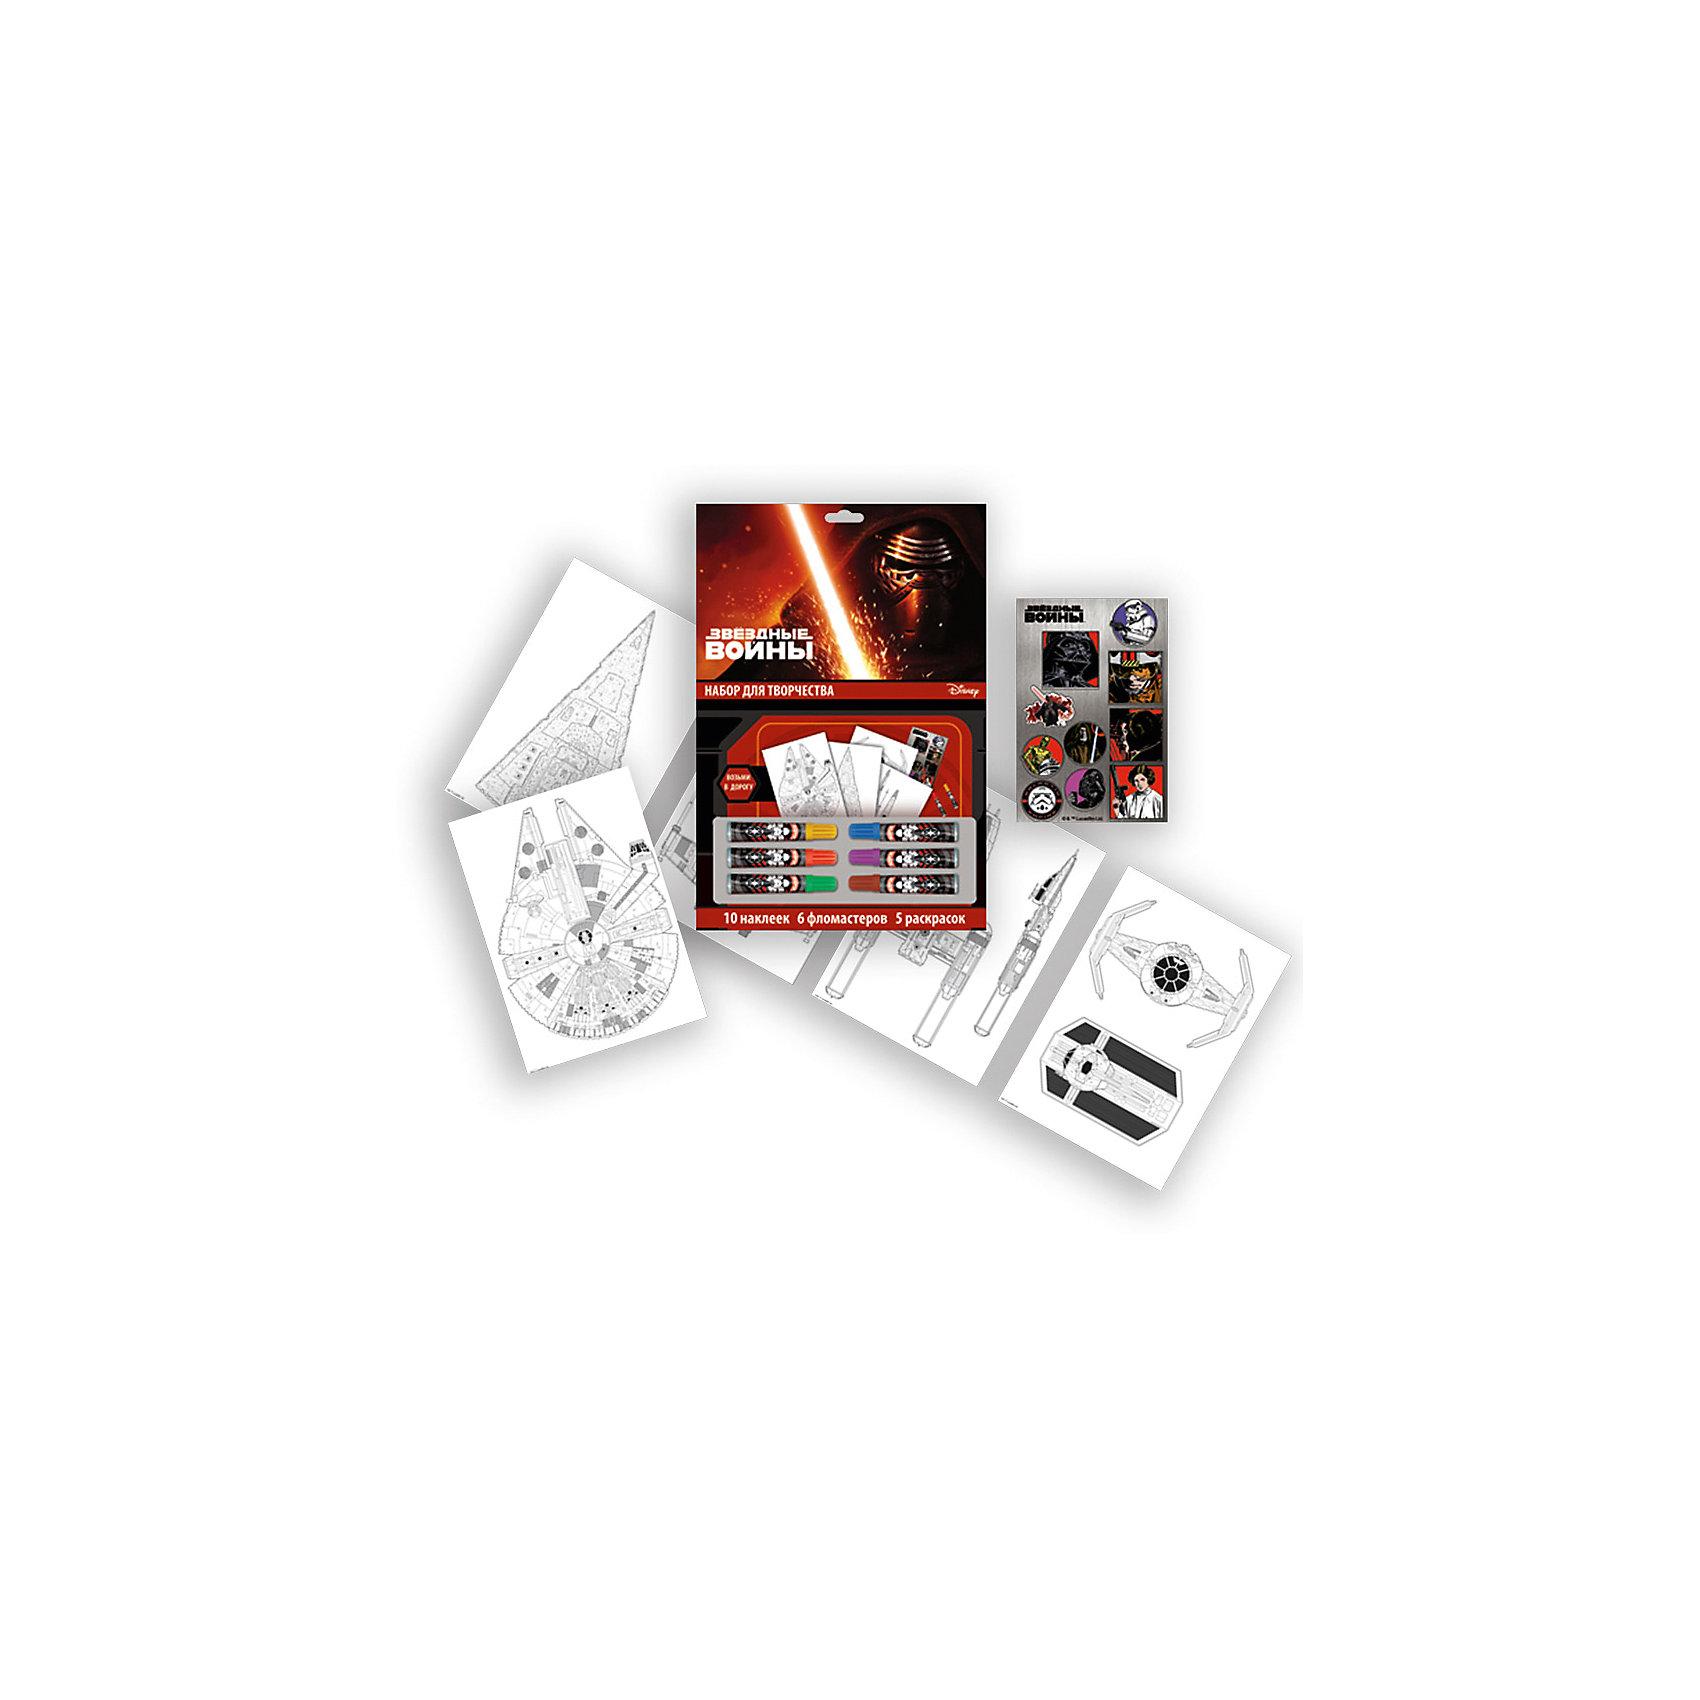 Набор для рисования Star WarsЗвездные войны Товары для фанатов<br>Набор для рисования Star Wars, Limpopo (Лимпопо)<br><br>Характеристики:<br><br>• раскраски с персонажами Звездных Войн<br>• яркие цвета<br>• в комплекте: 5 раскрасок, фломастеры (6 шт.), 10 наклеек<br>• размер упаковки: 37х33х23 см<br>• вес: 130 грамм<br><br>Набор для рисования Star Wars порадует юного художника. В него входят фломастеры, несколько раскрасок с изображением любимых героев легендарной саги и наклейки. Ребенок сможет ярко раскрасить картинку, а затем украсить ее наклейками. Star Wars - прекрасный подарок для маленьких художников!<br><br>Набор для рисования Star Wars, Limpopo (Лимпопо) вы можете купить в нашем интернет-магазине.<br><br>Ширина мм: 230<br>Глубина мм: 330<br>Высота мм: 370<br>Вес г: 130<br>Возраст от месяцев: 48<br>Возраст до месяцев: 144<br>Пол: Мужской<br>Возраст: Детский<br>SKU: 5390309